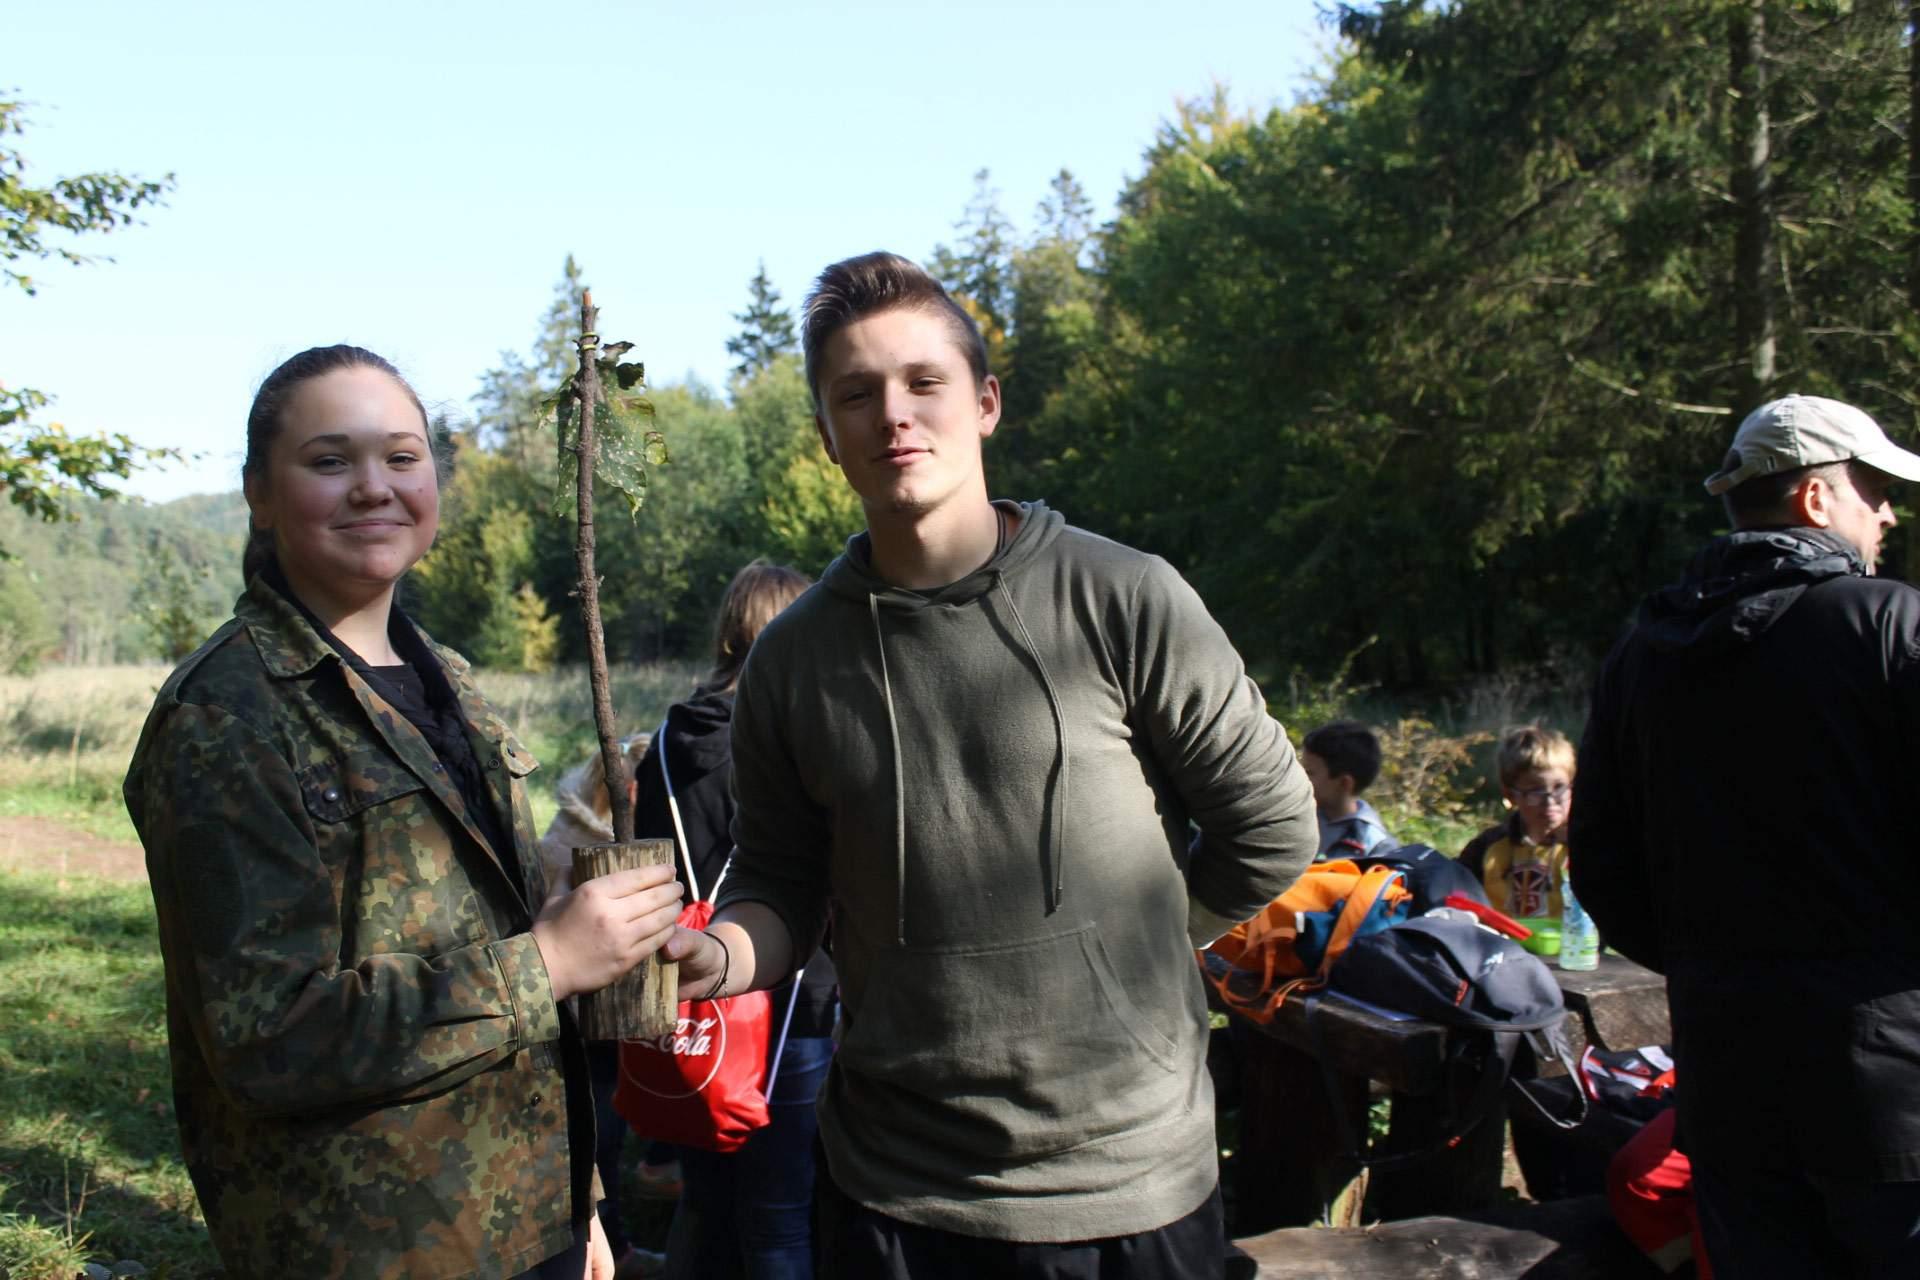 Podsumowanie Wyprawy po Bilet Wstępu do Lasu